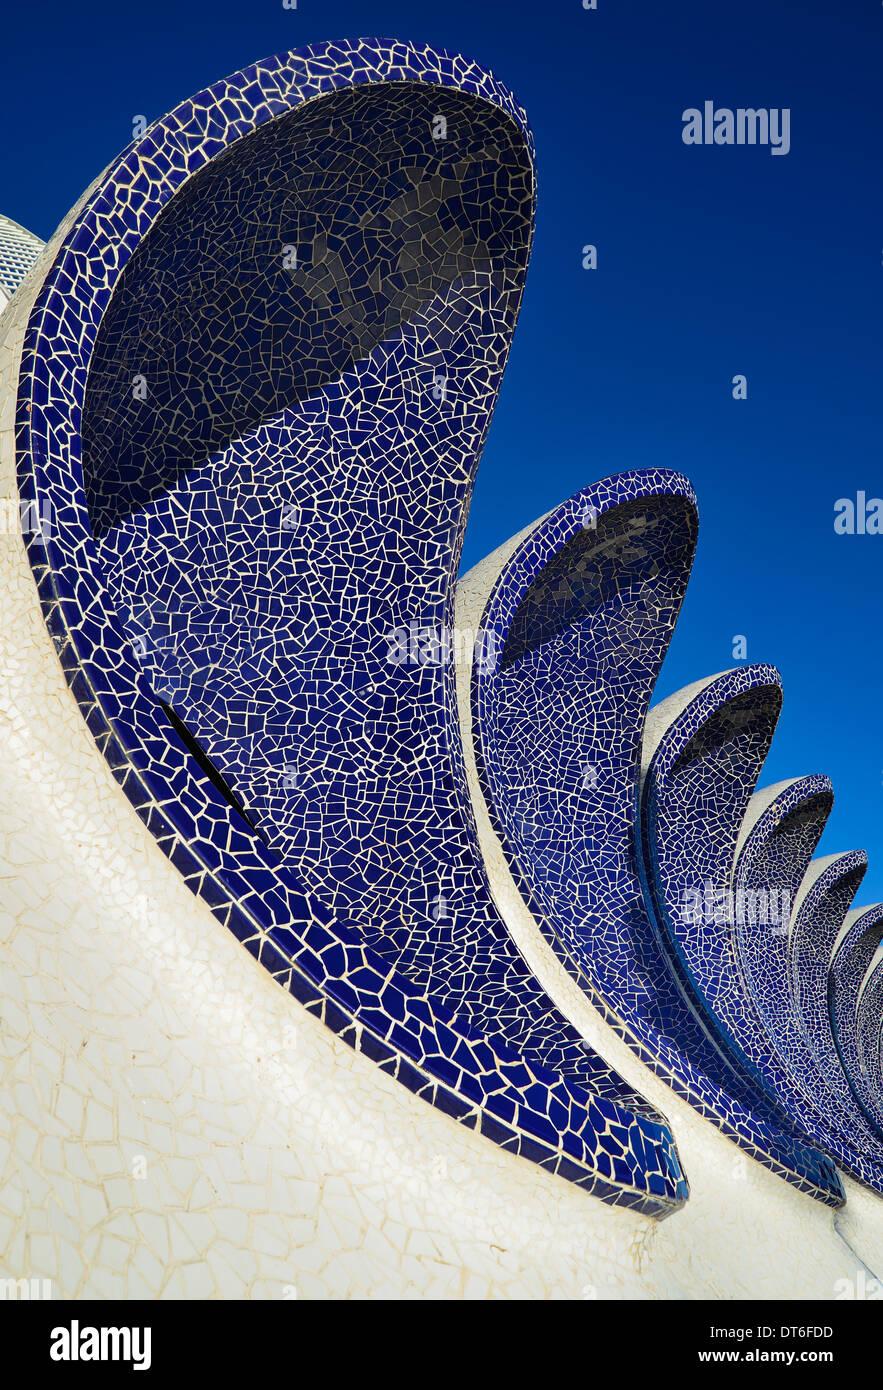 Spain, Valencia, La Ciudad de las Artes y las Ciencias, City of Arts and Sciences, Arches of the Umbracle sculpture garden. - Stock Image